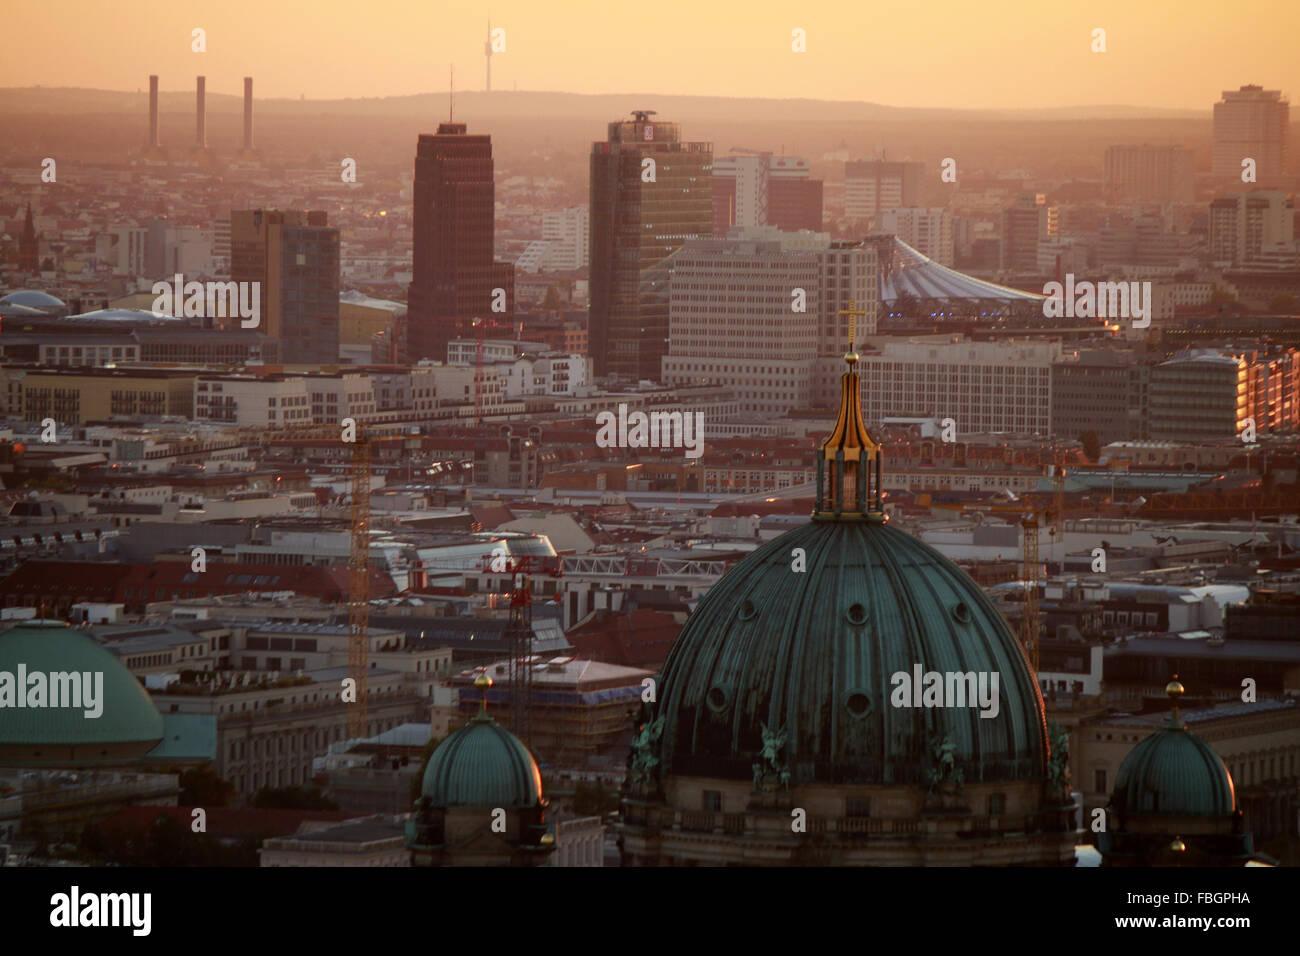 Abendstimmung: die Hochhaeuser vom Potsdamer Platz, Berlin. - Stock Image